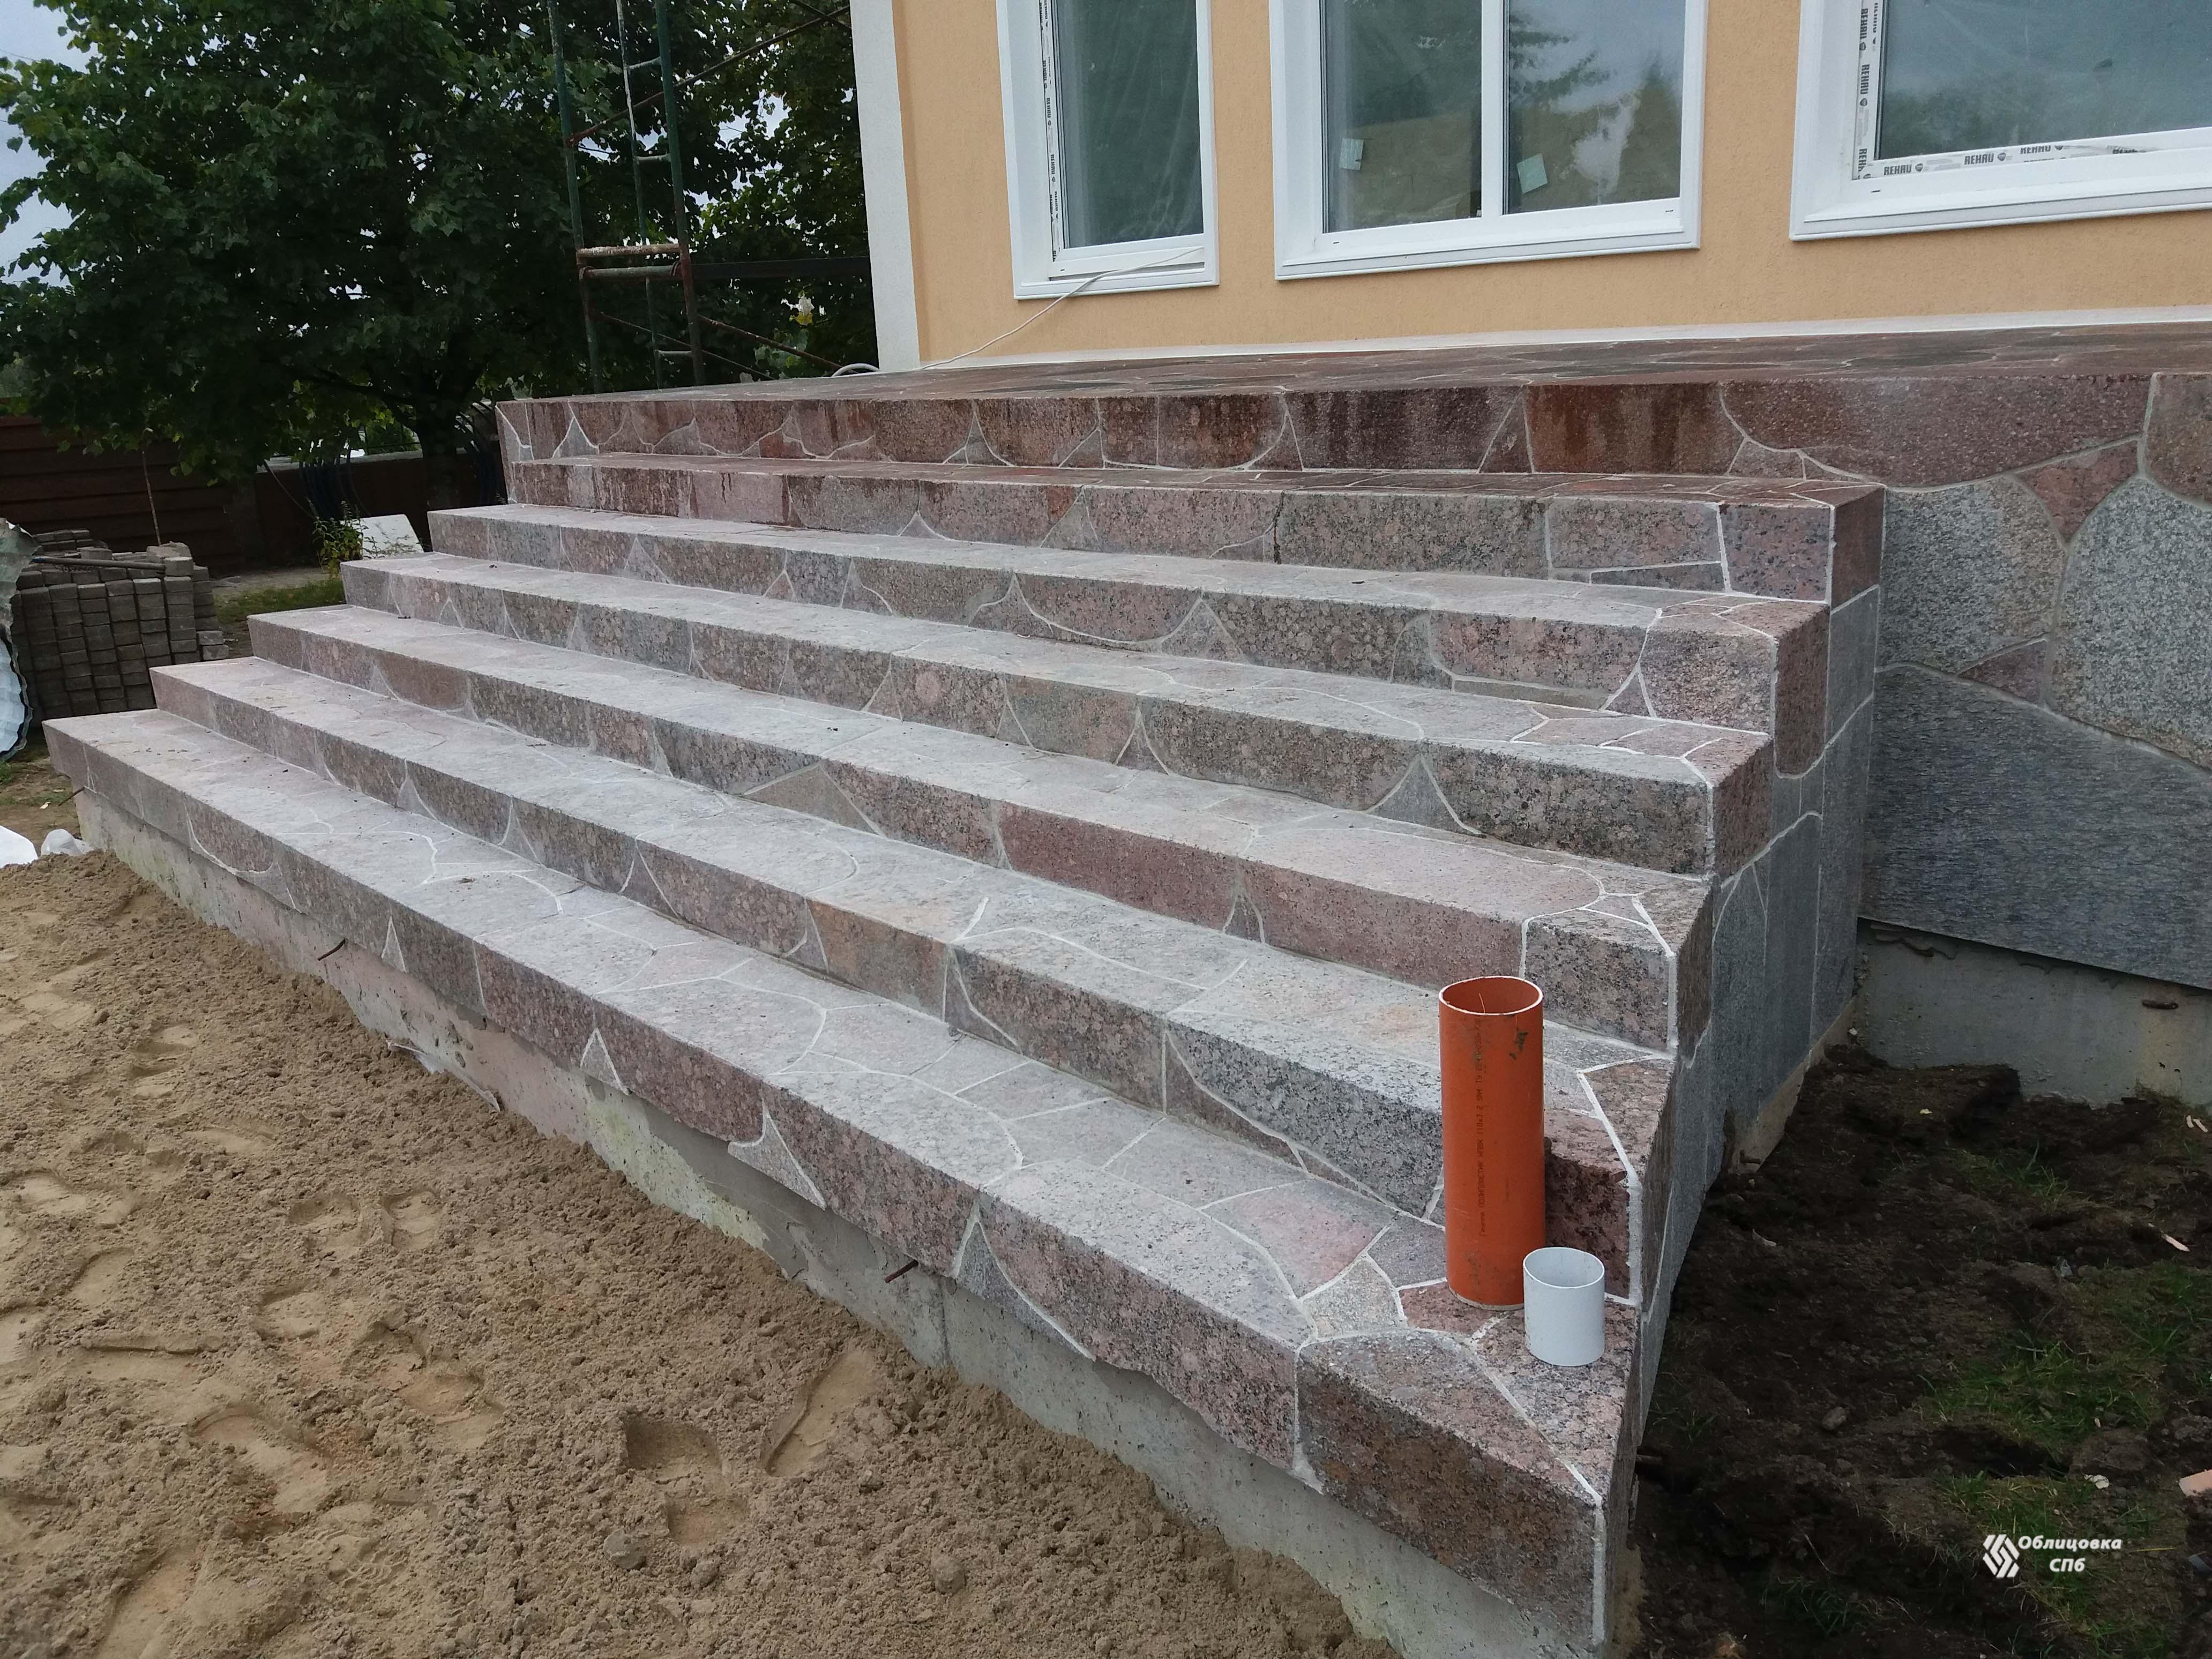 Облицовка лестницы с применением лекальных плит из гранита разного цвета